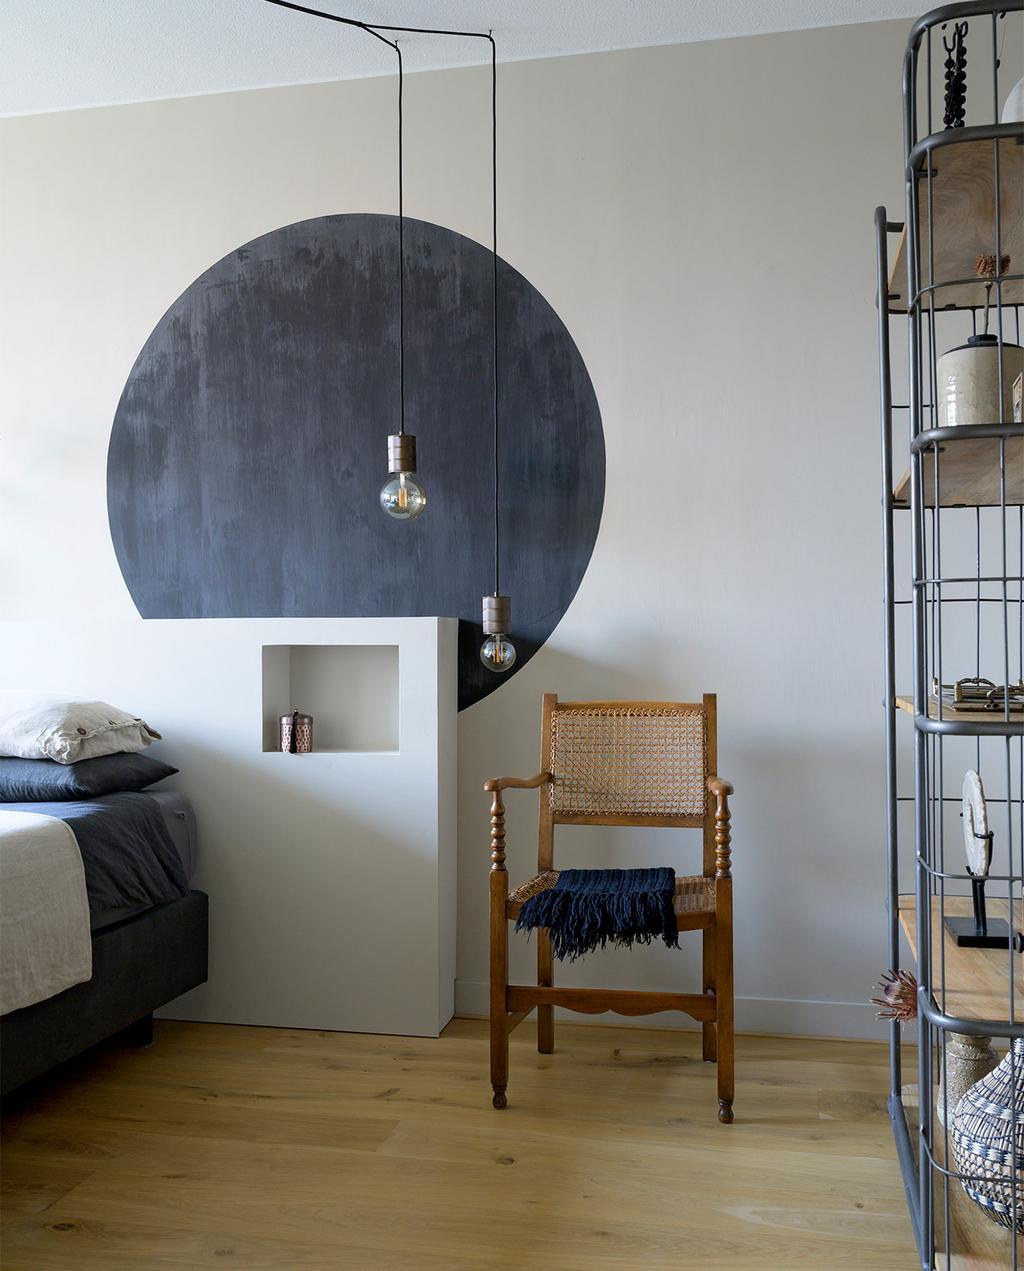 vtwonen 08-2021   zwarte ronde cirkel op de wand achter het bed in de slaapkamer met rieten stoel, een wit hoofdbord en een open kast